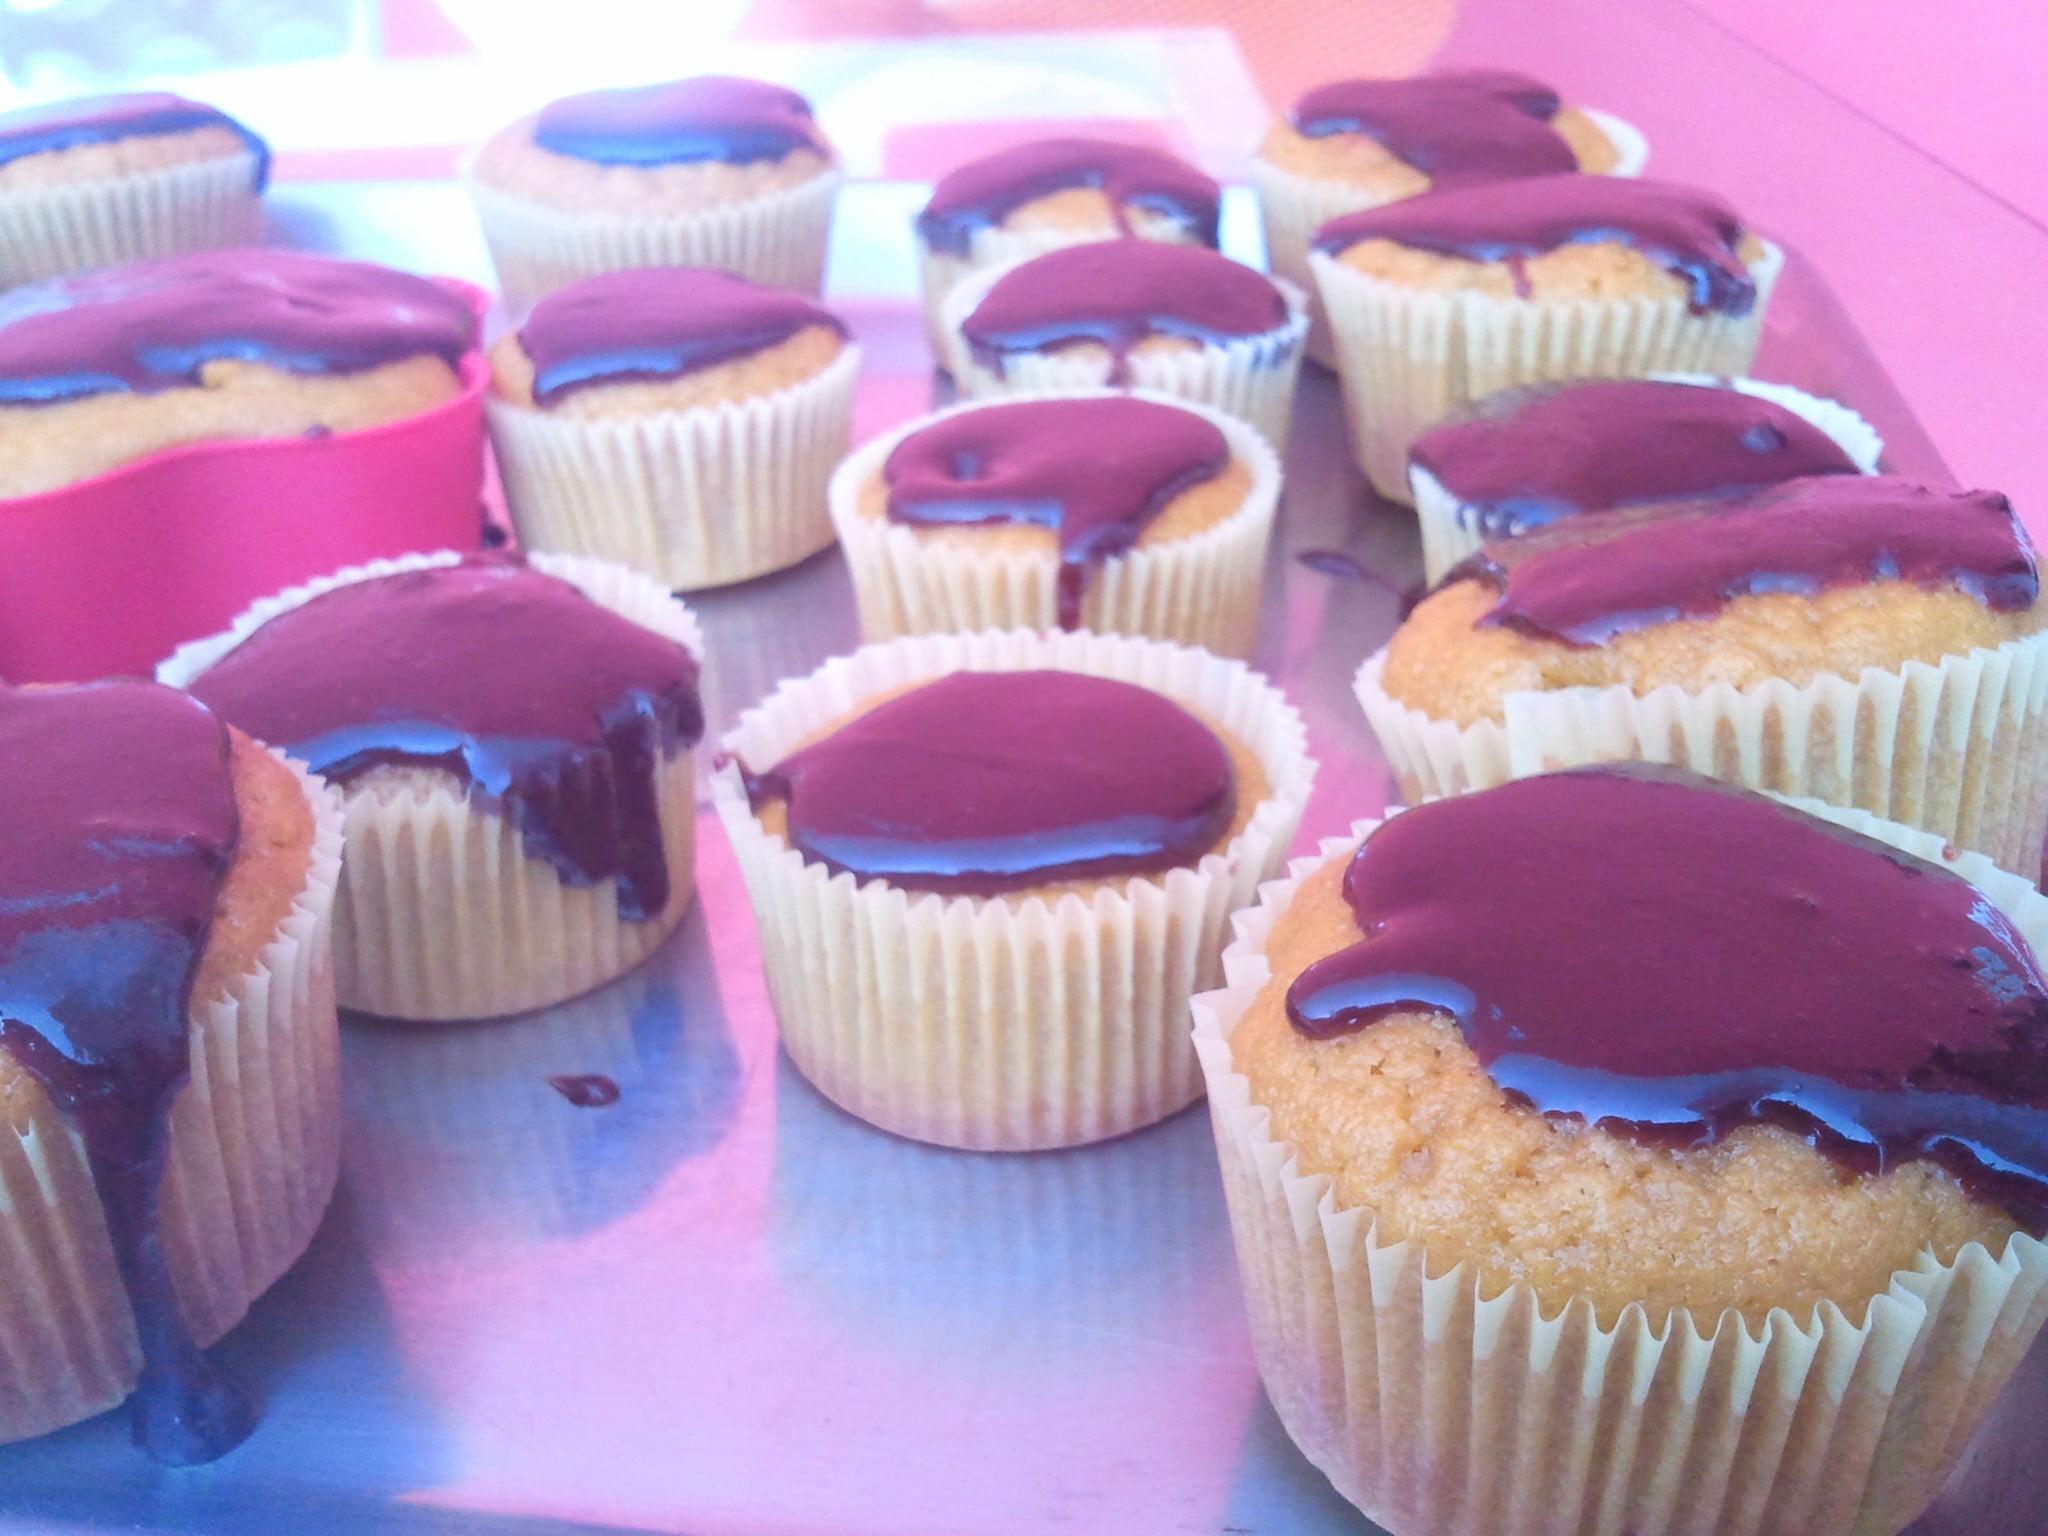 Cupcakes de cenoura com calda de chocolate